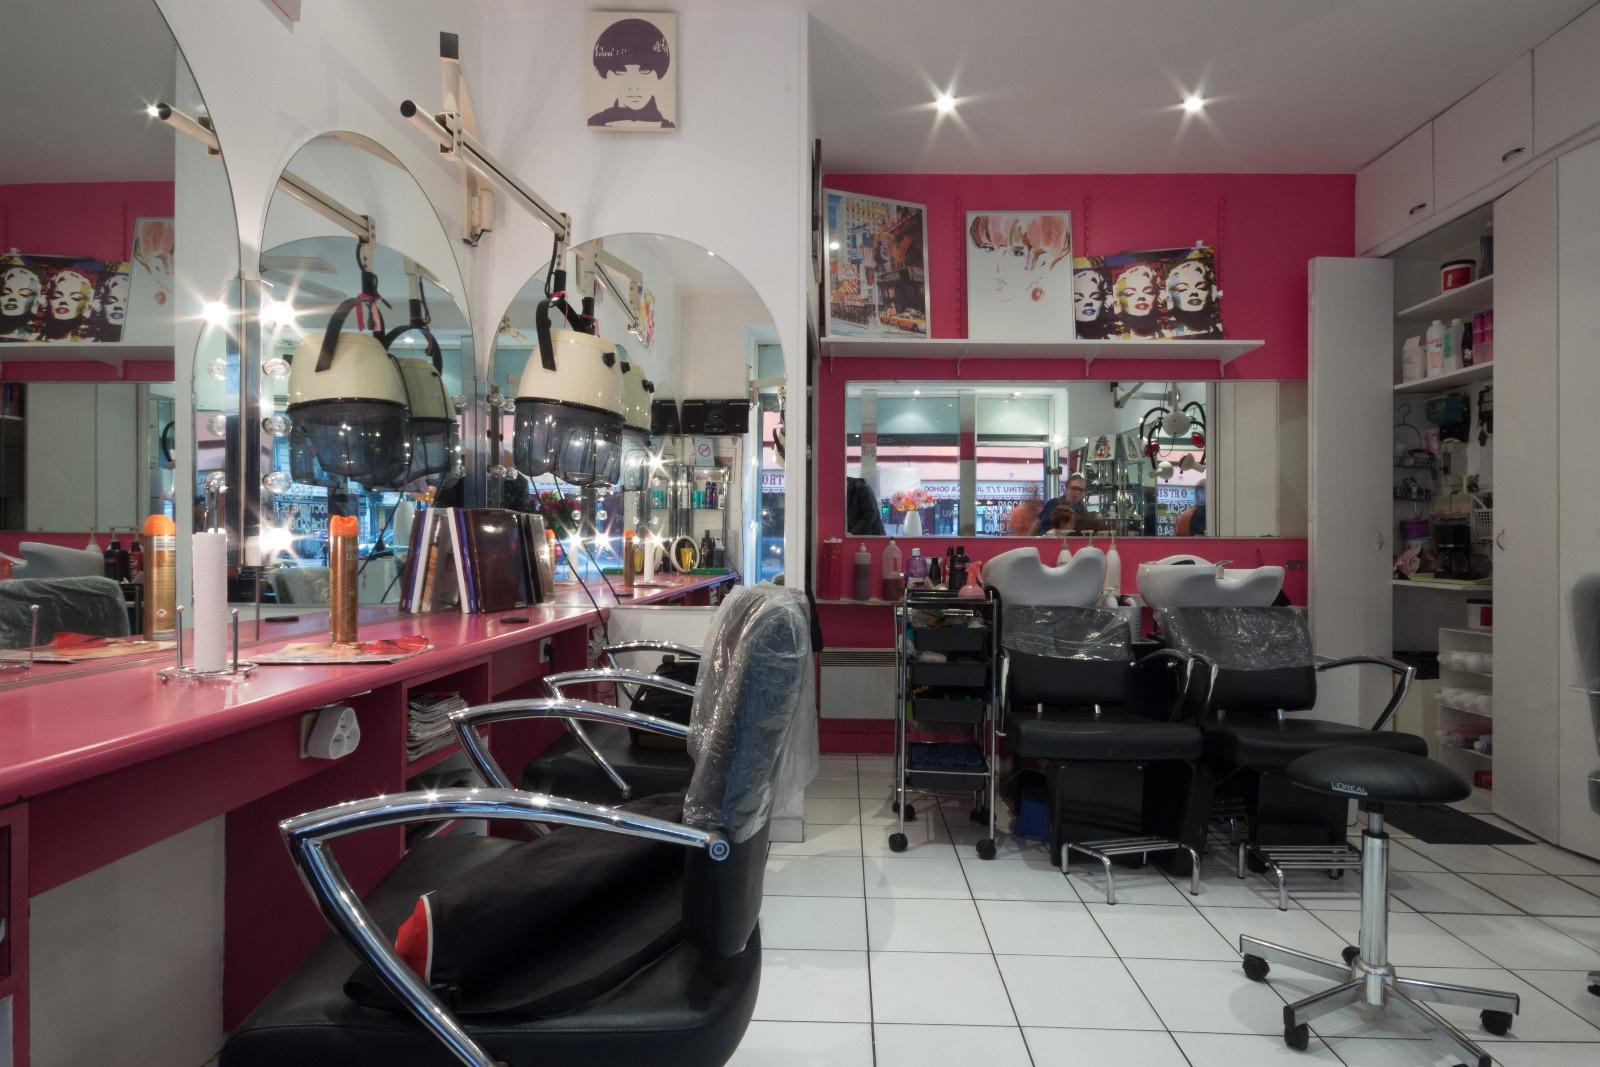 Fonds de commerce 75010 Coiffure / Manucure / Bijoux fantaisie